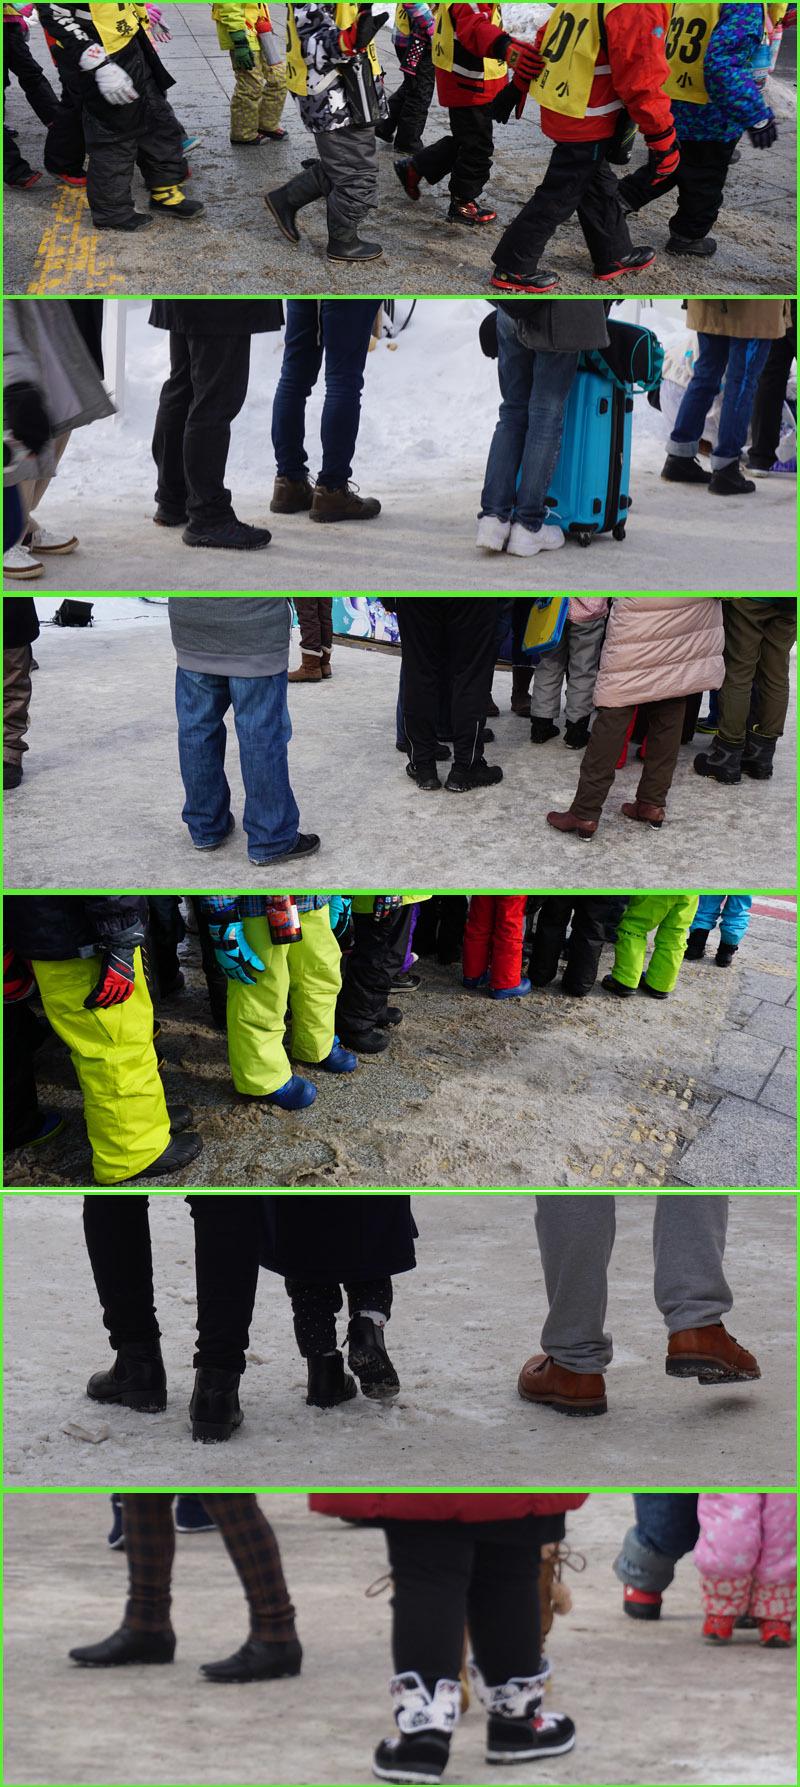 札幌雪祭りにどんな靴履いて行きますか?_b0019313_17290698.jpg